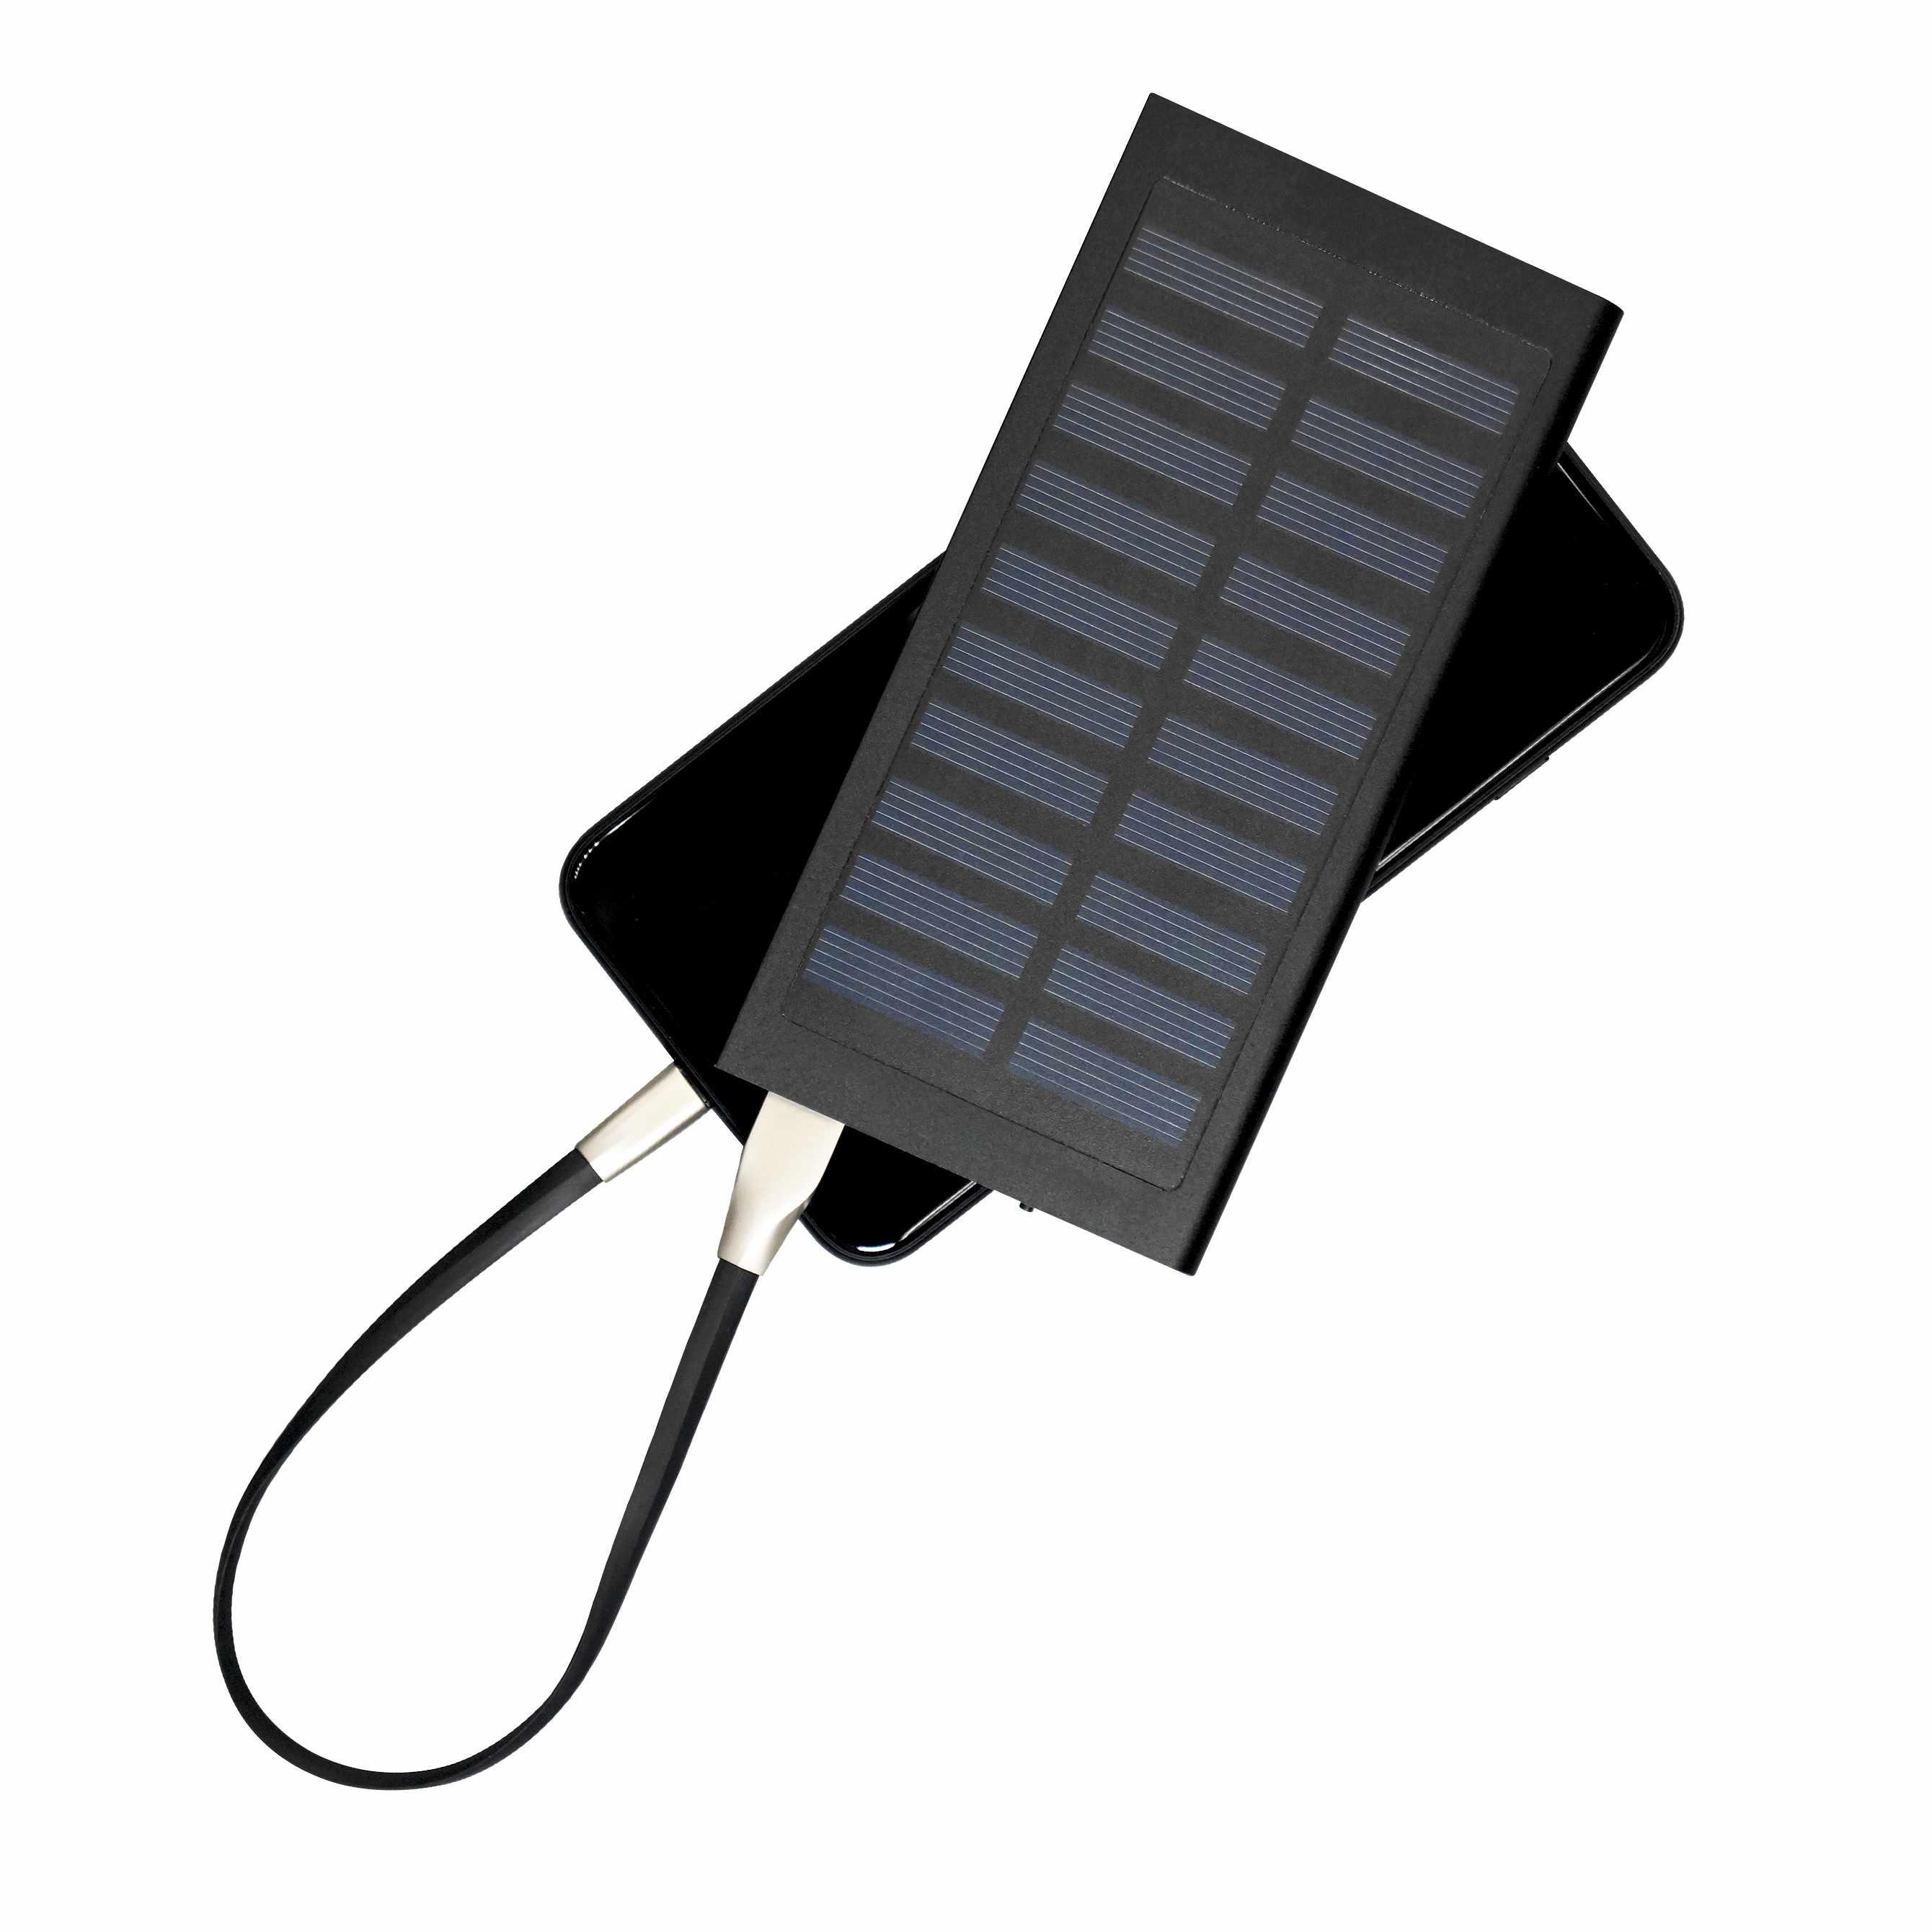 Chargeur solaire publicitaire écologique Sunpower - powerbank publicitaire